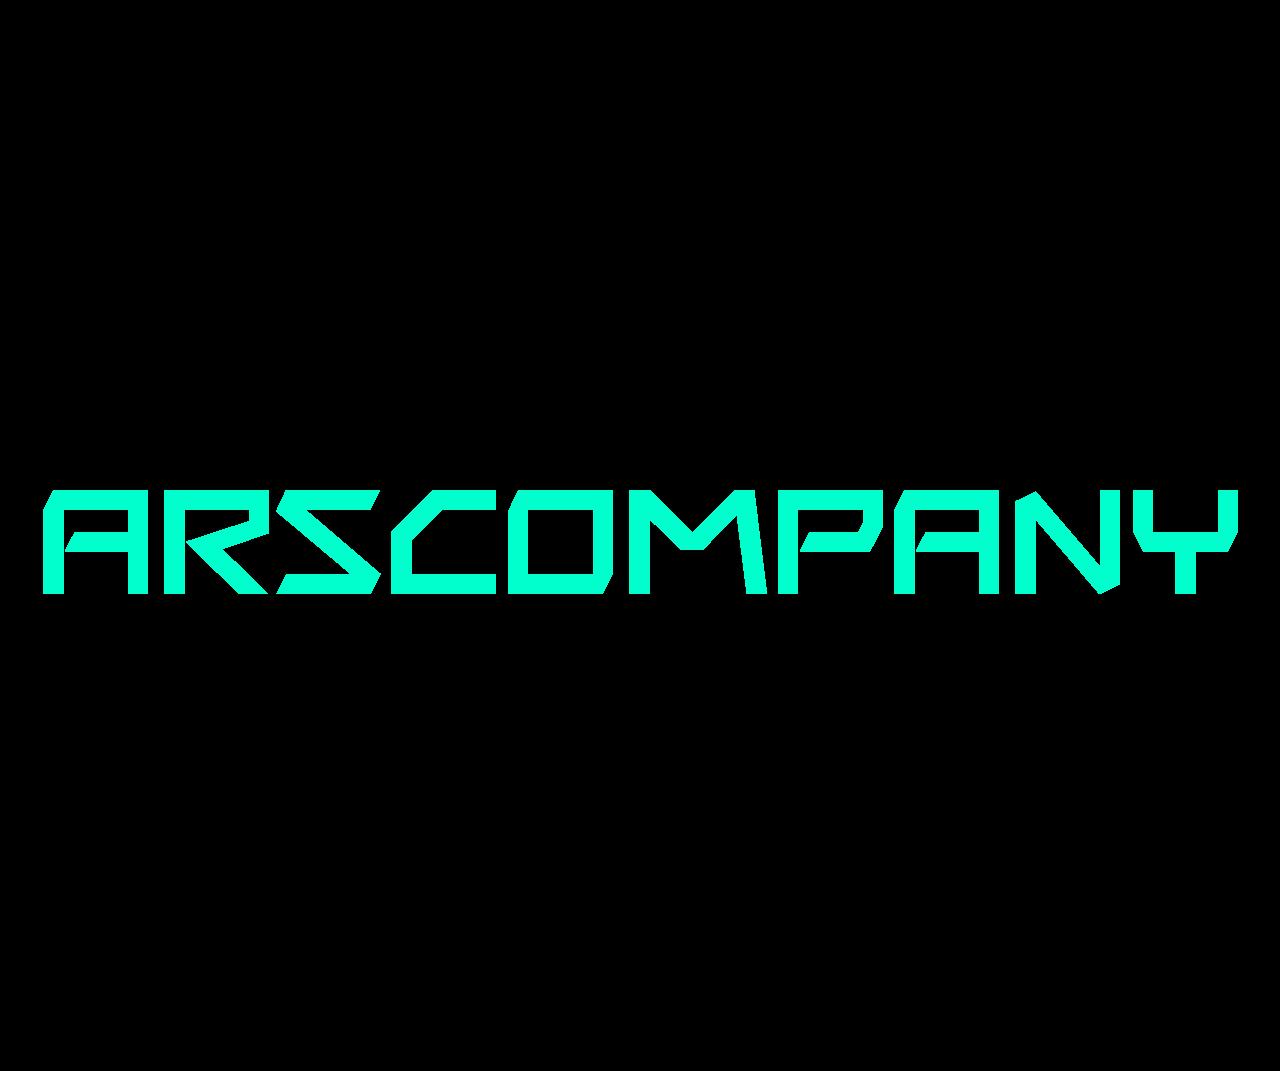 Arscompany